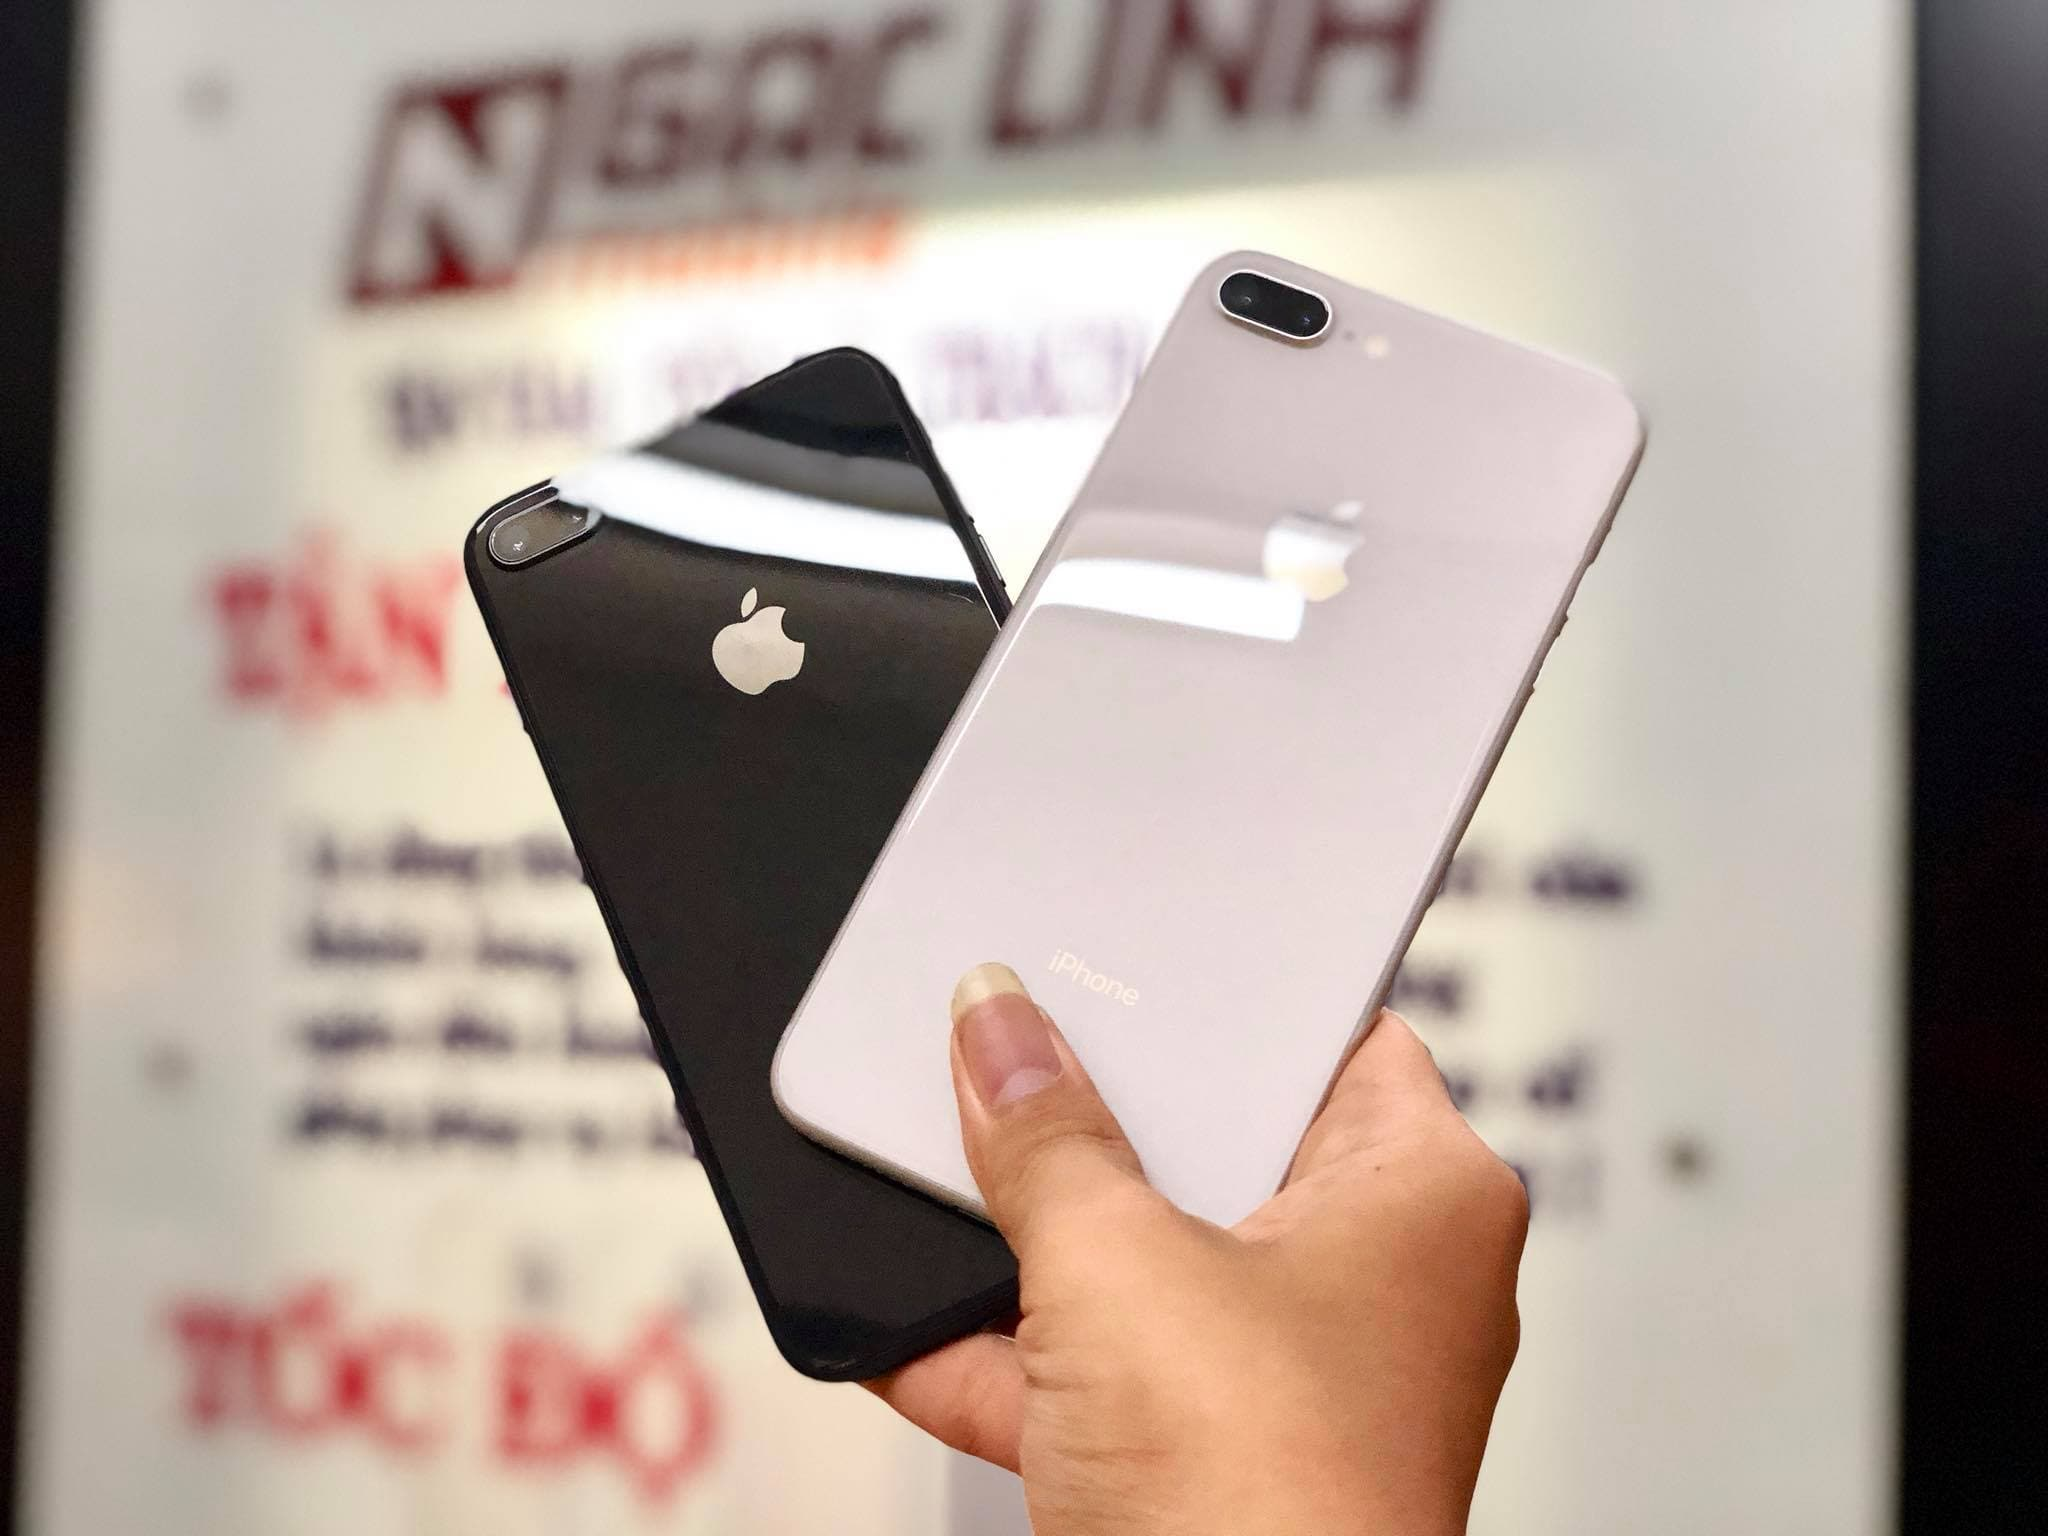 iPhone cũ tại Ngọc Linh Mobile iphone 8 - Những lí do nên mua Iphone 8Plus thay vì Iphone X